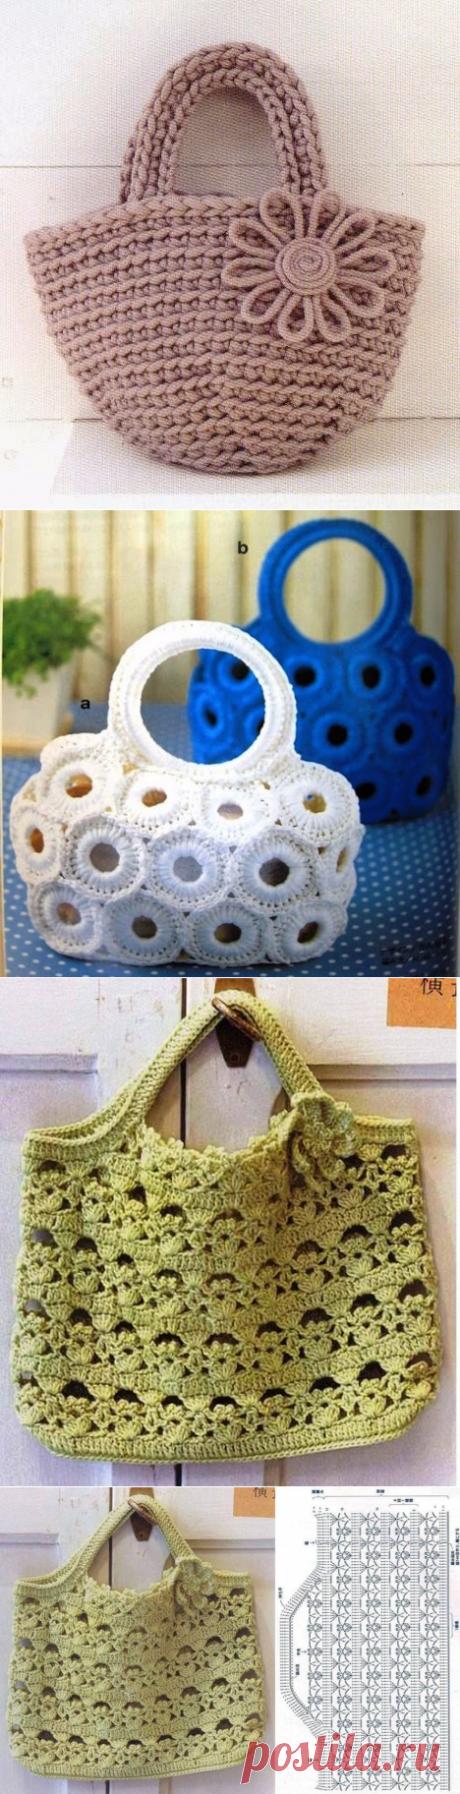 Много красивых сумок-схемы для вязания крючком